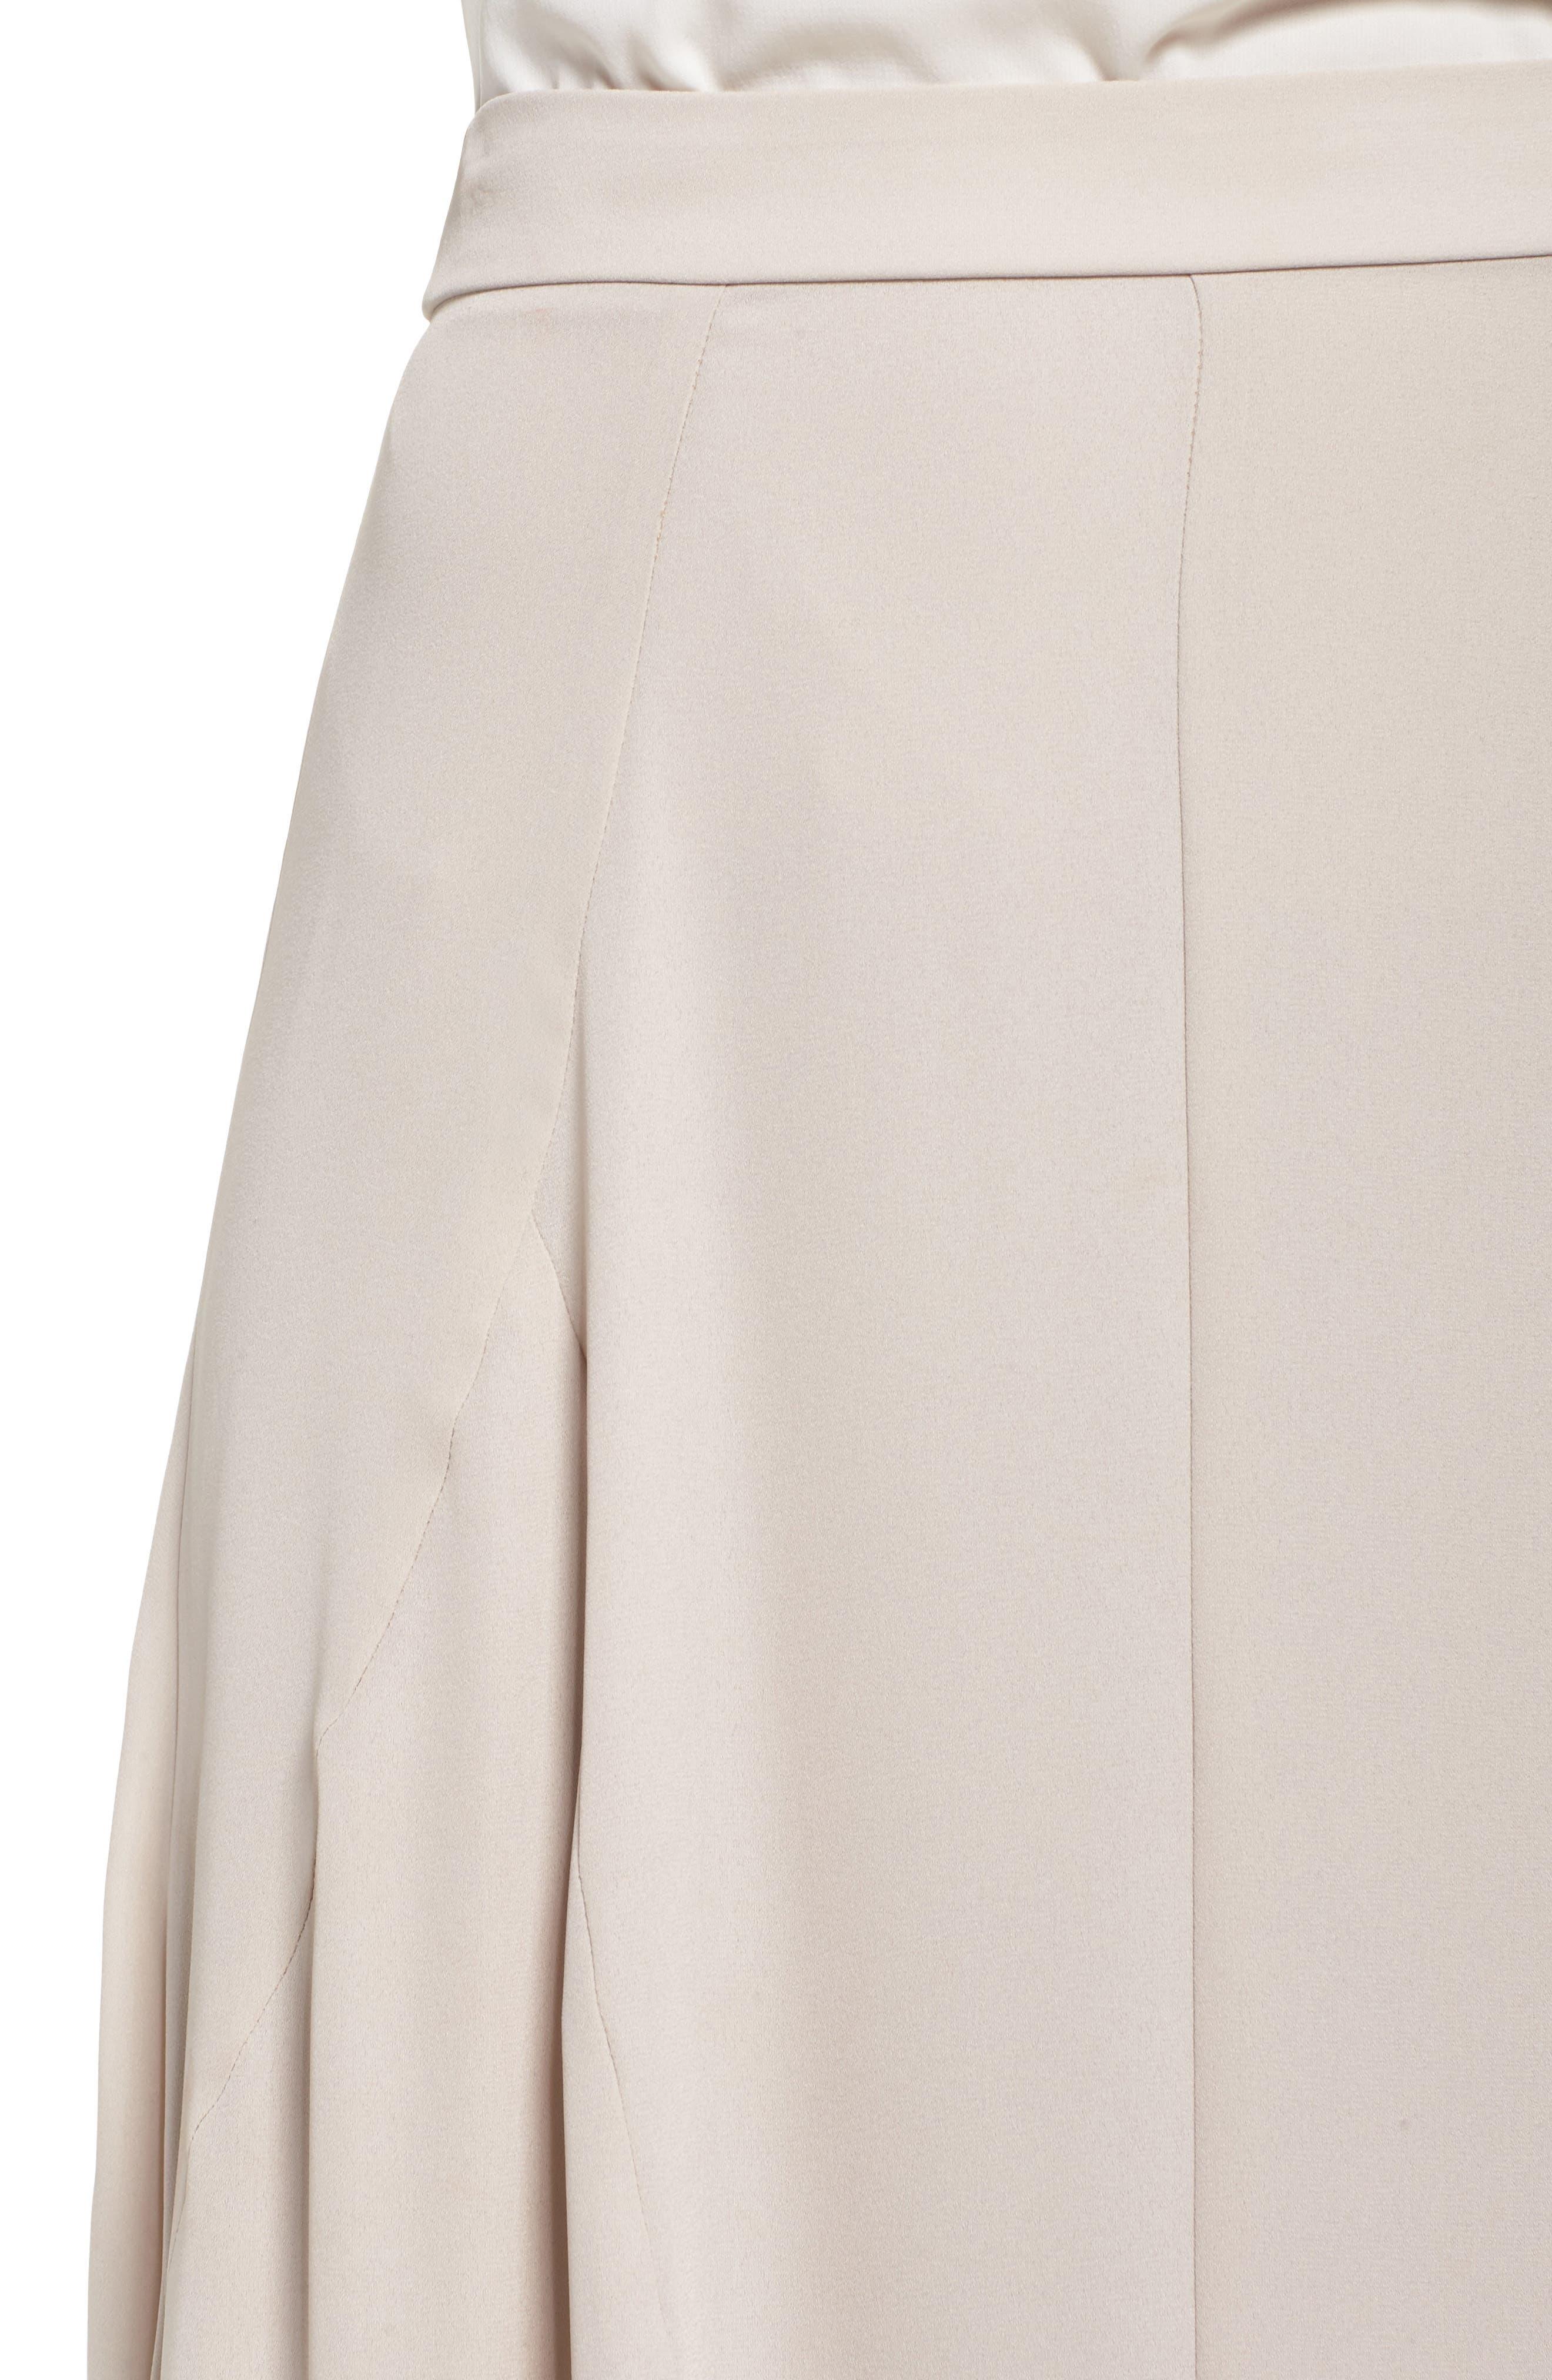 Chiffon Skirt,                             Alternate thumbnail 4, color,                             Show Me The Ring Crisp